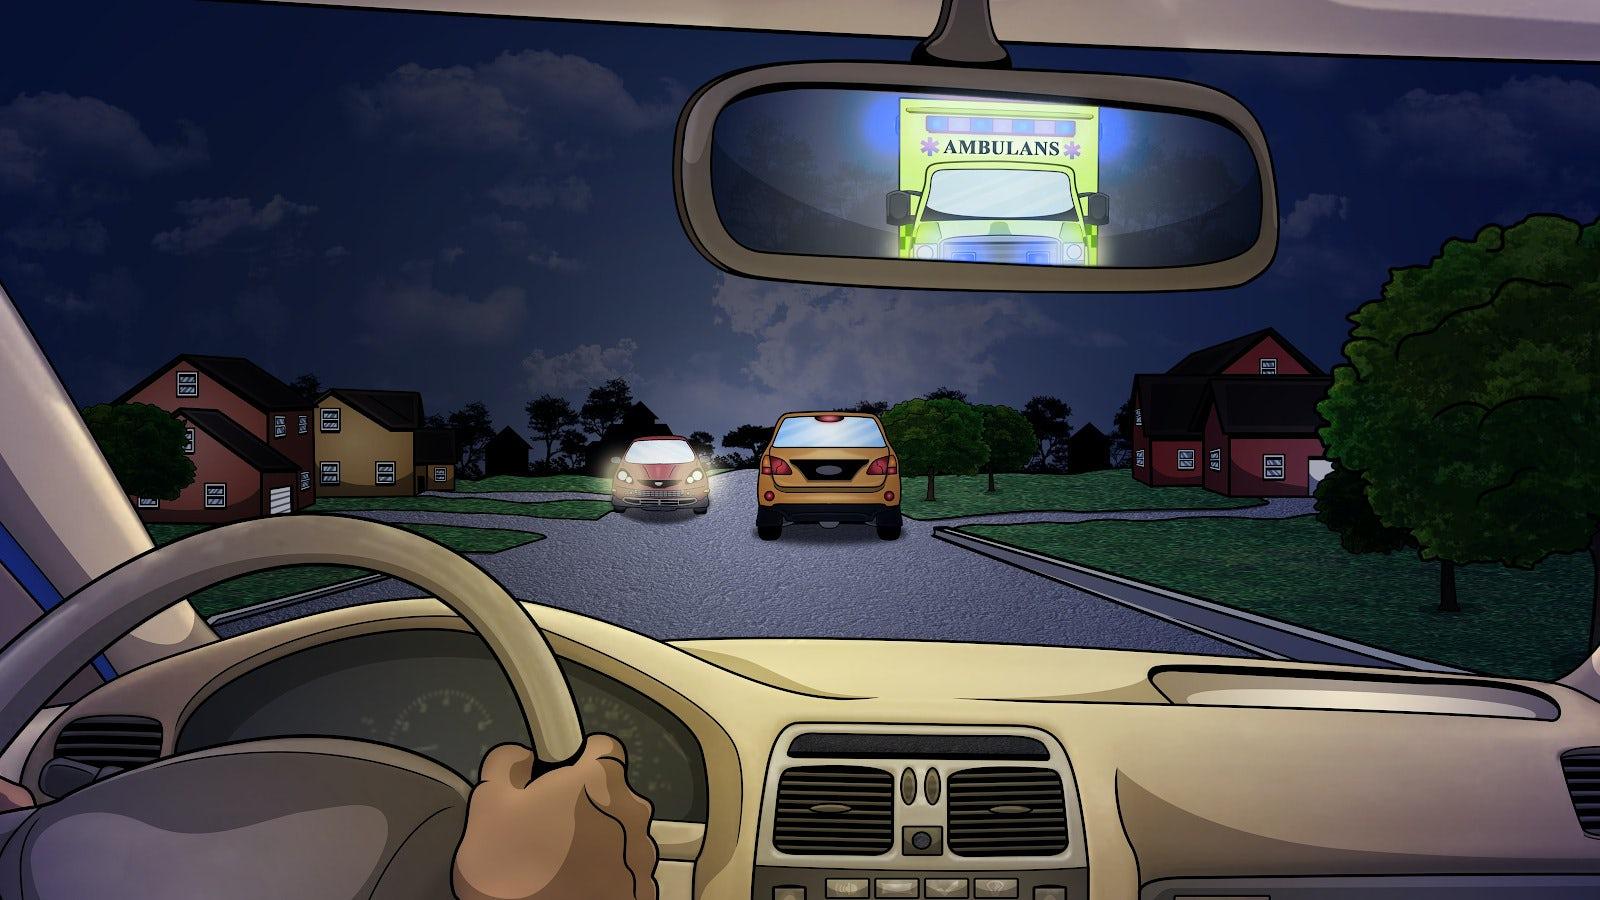 Bilist ser i backspegeln att ambulans kör bakom och vill förbi.